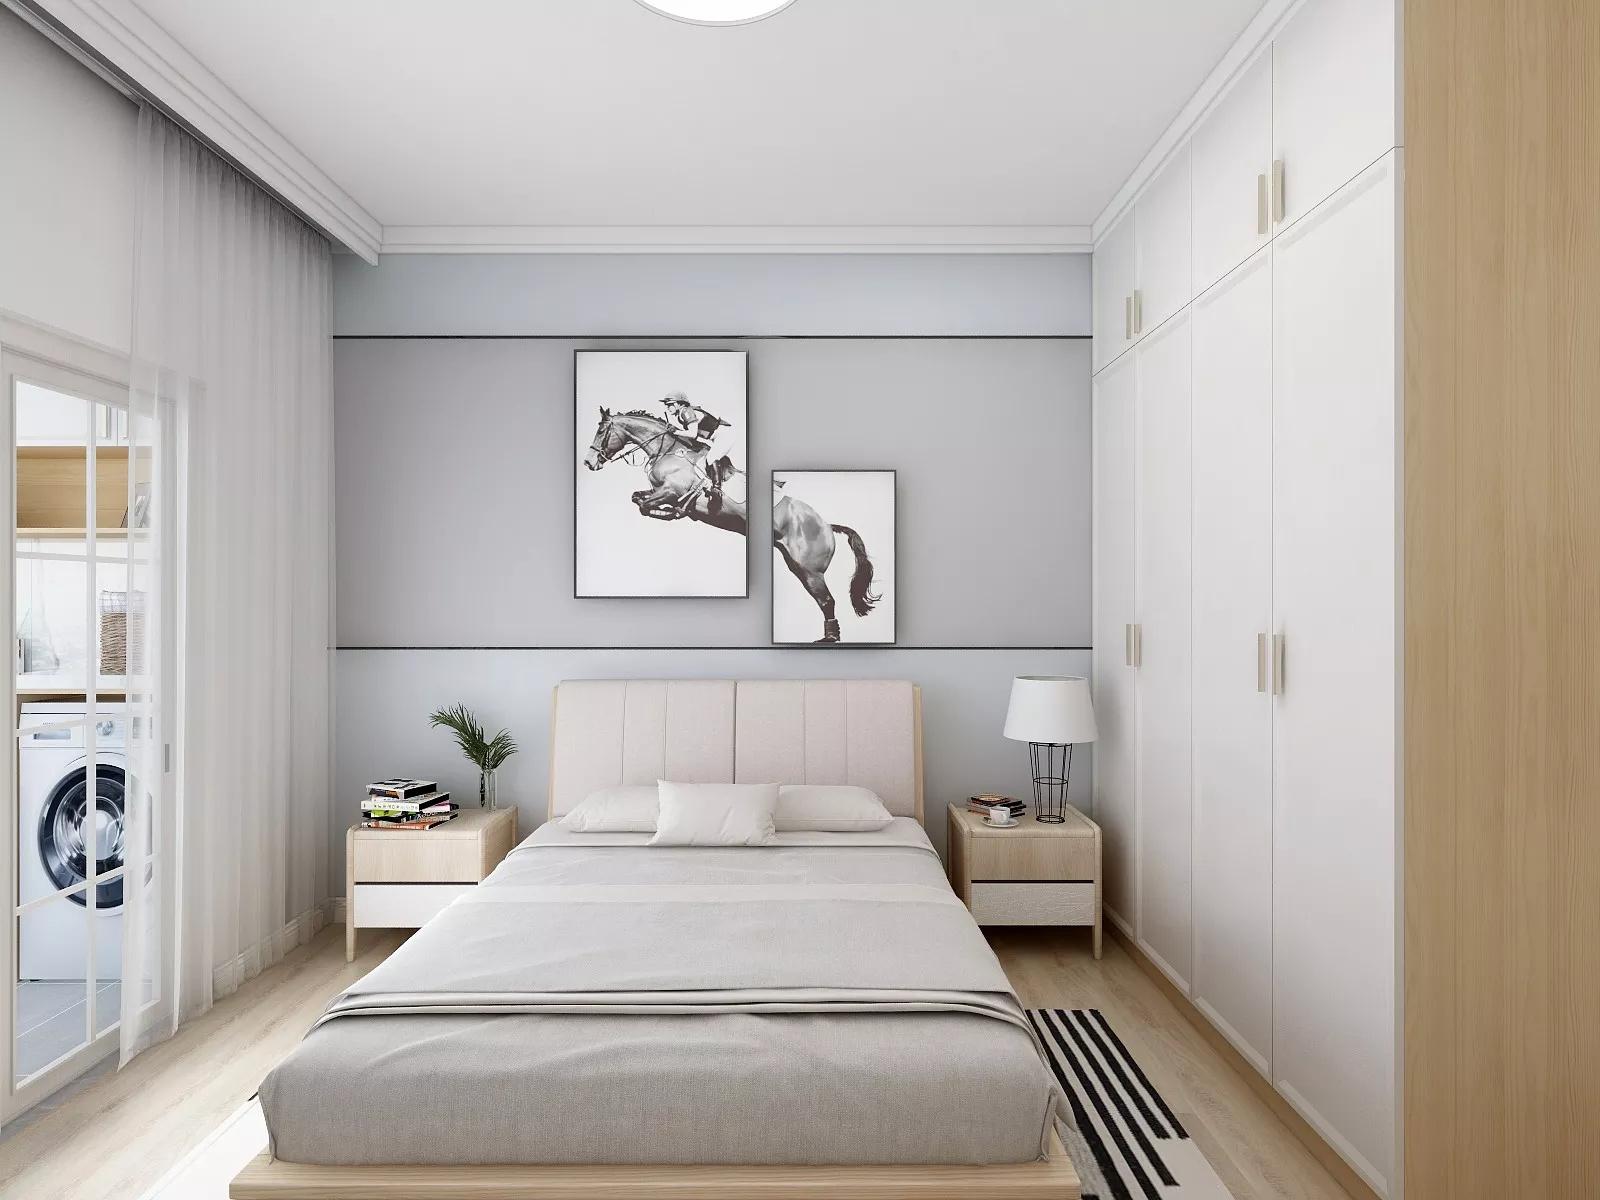 休闲舒适风格家居客厅设计